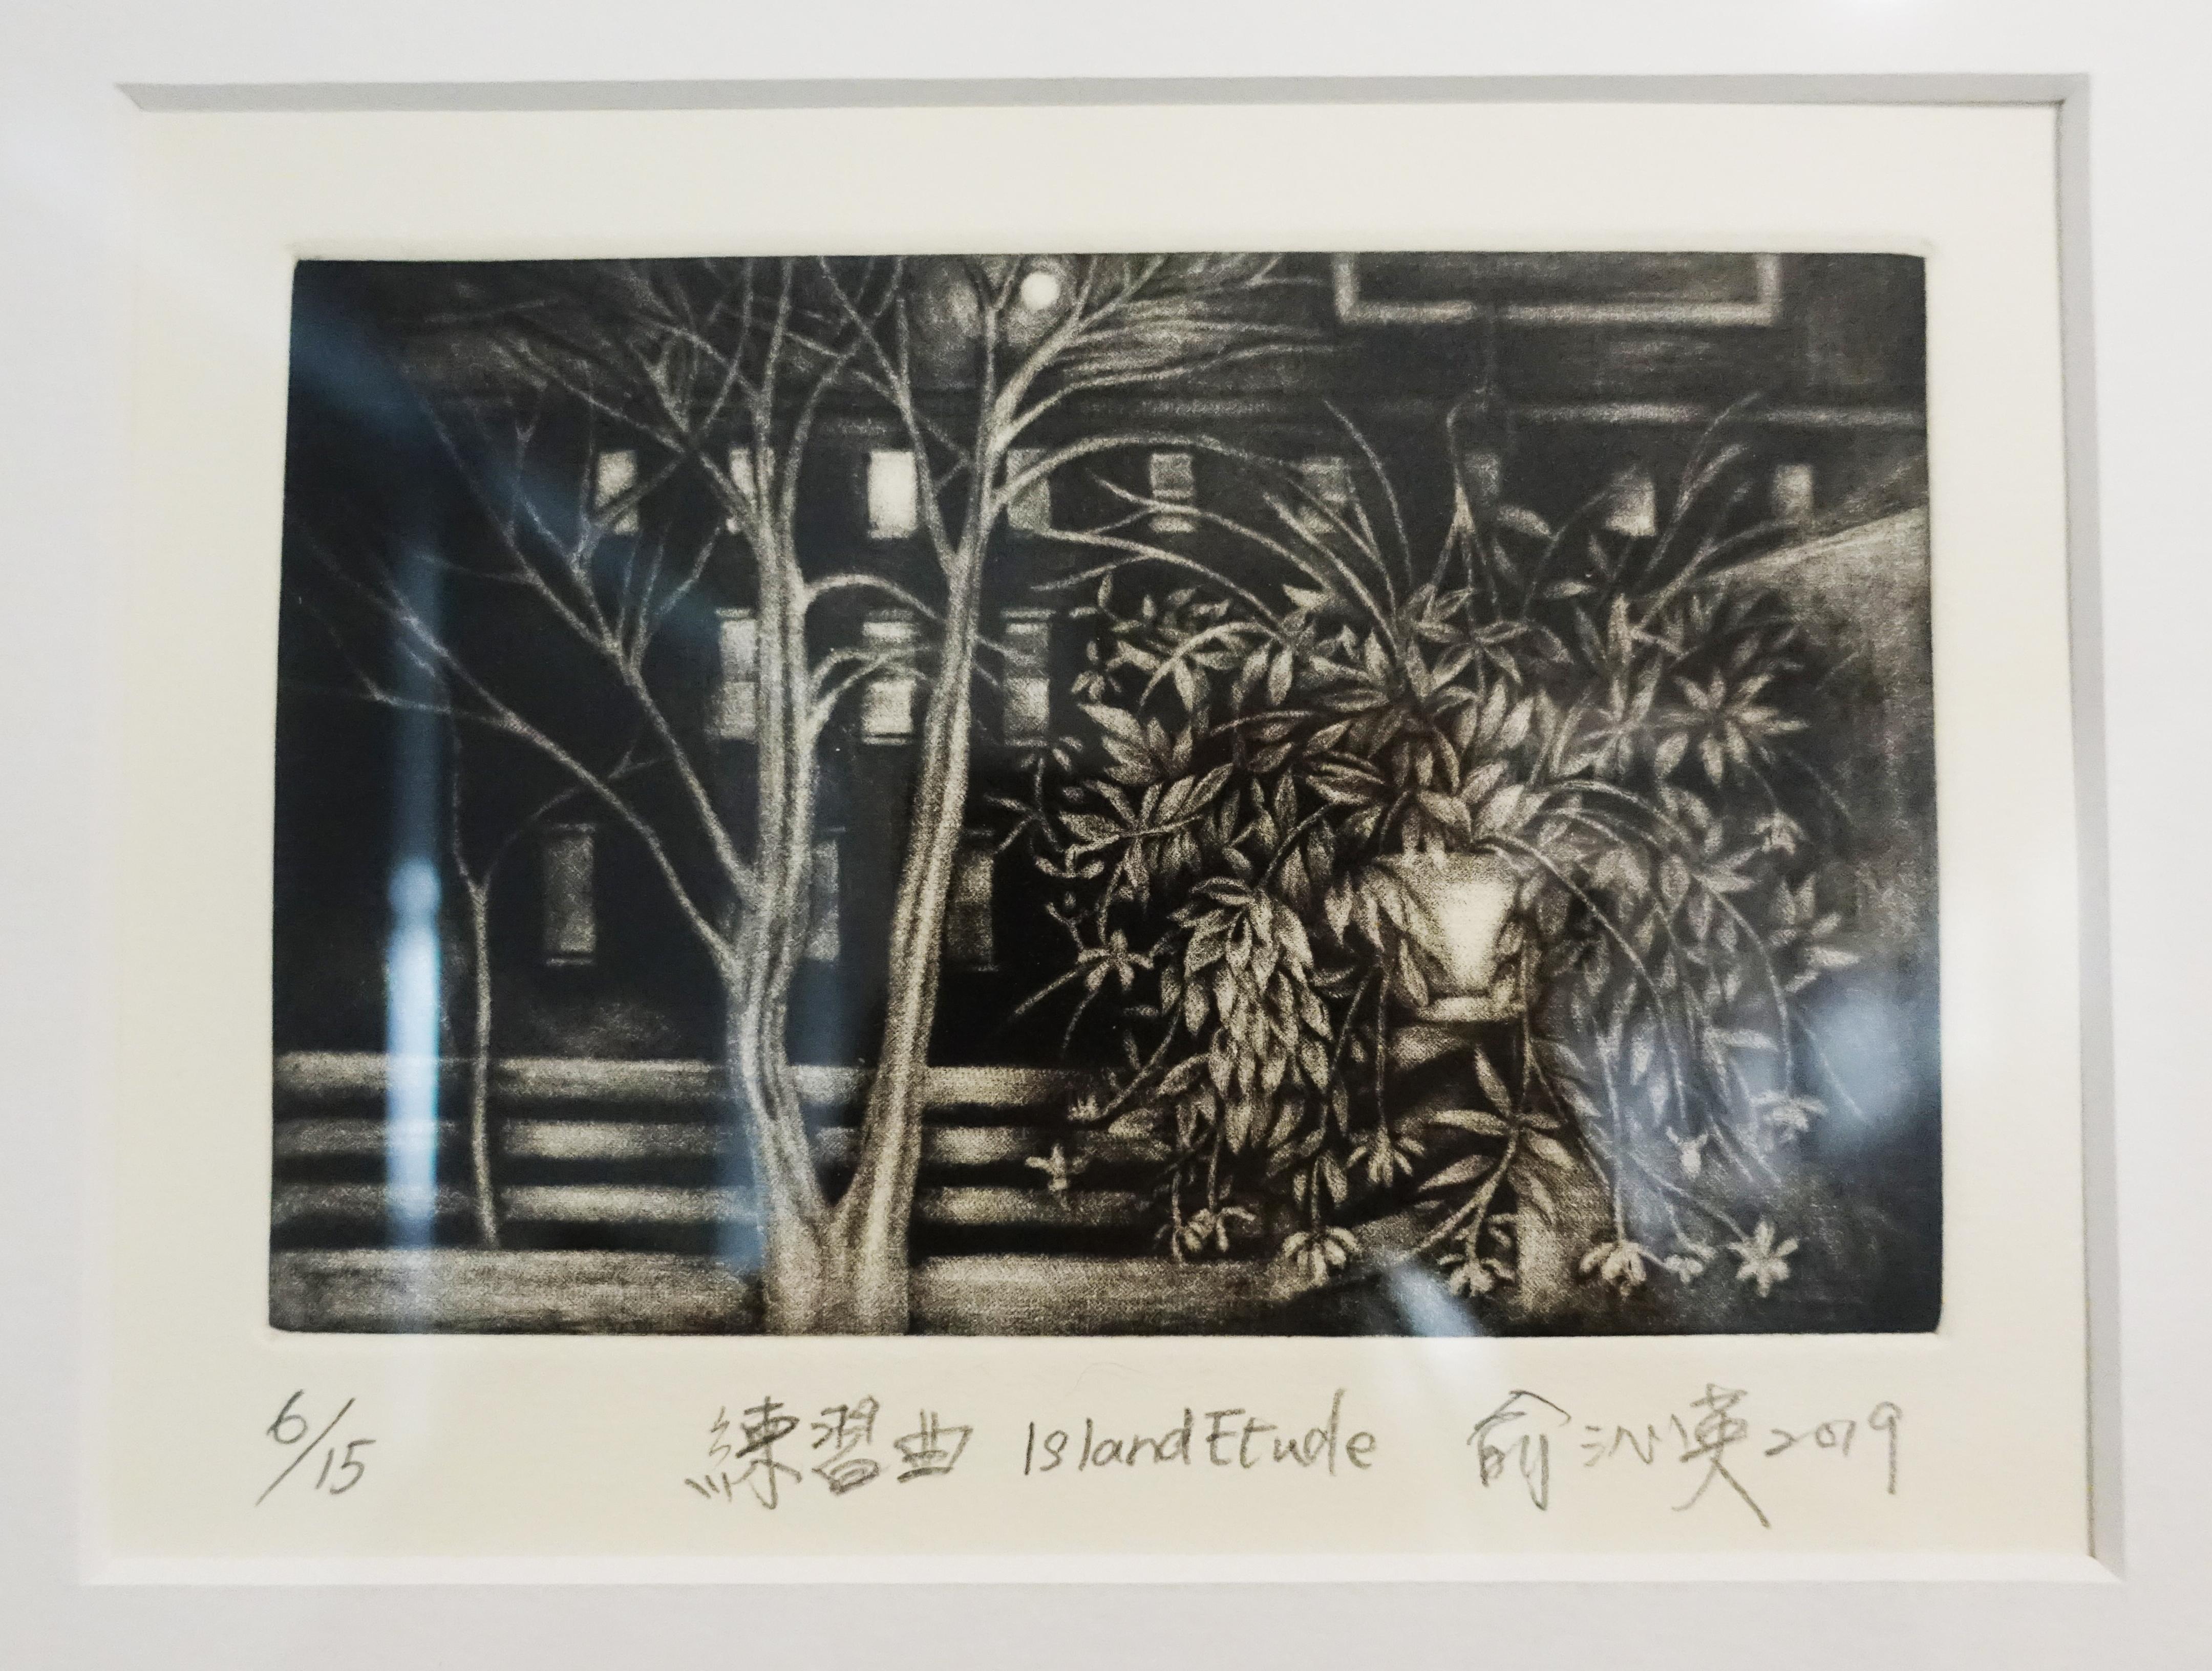 俞沁英,《練習曲》細節,14.5 x 9.5 cm,美柔丁6/15,2019。